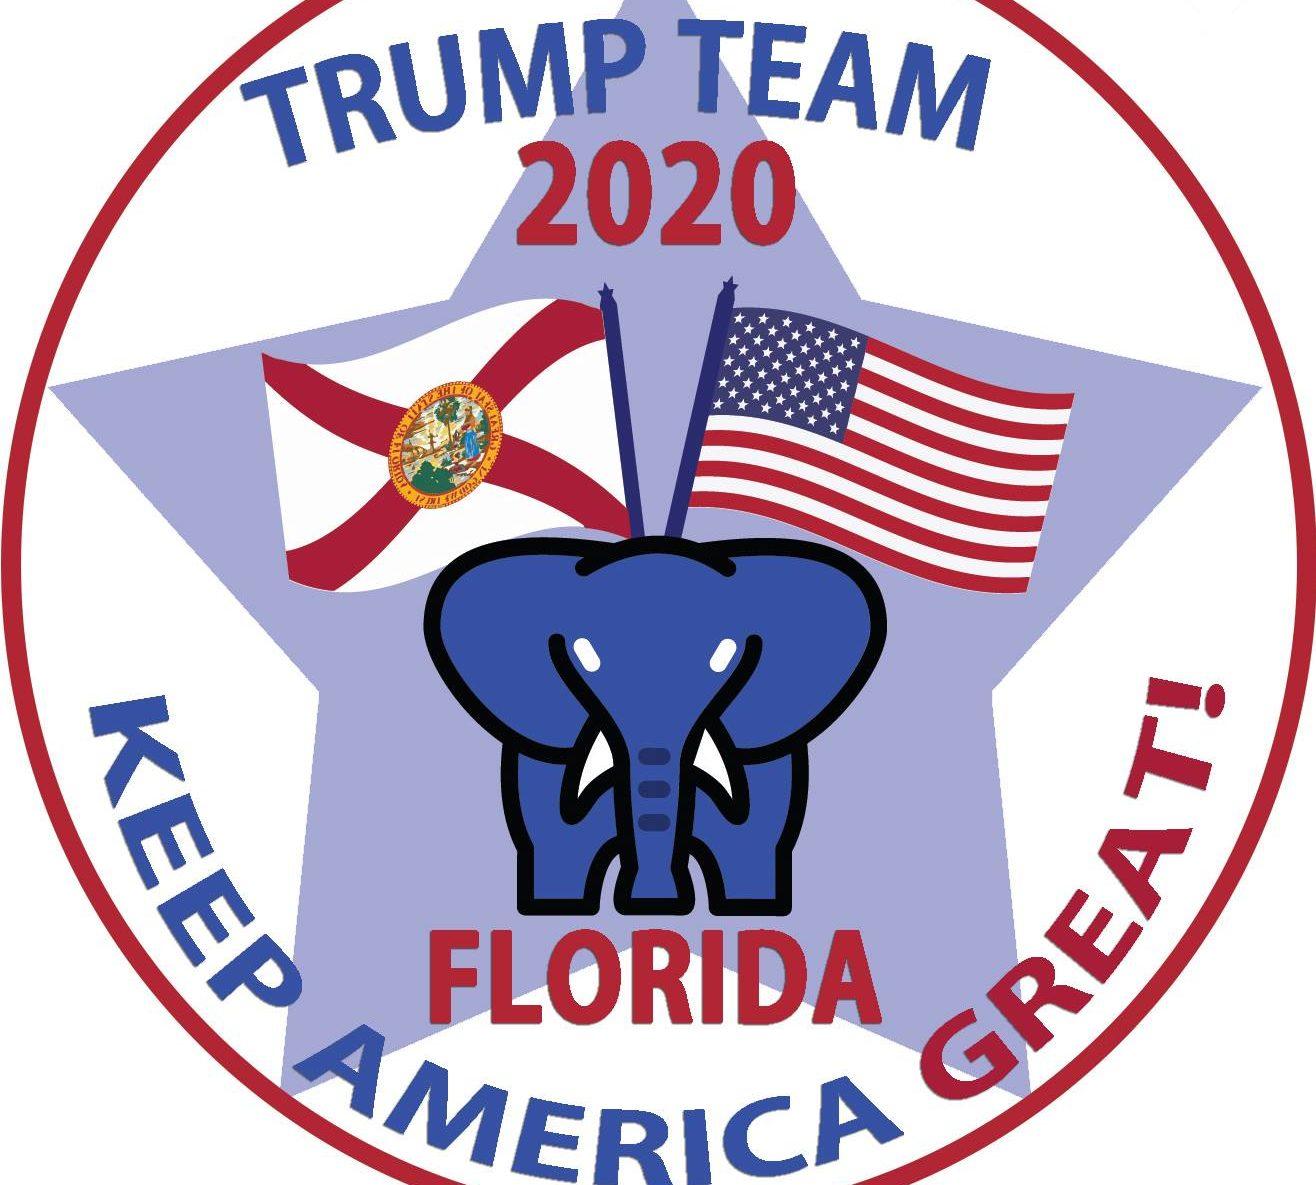 Trump-Team-logo-e1597360809257.jpg